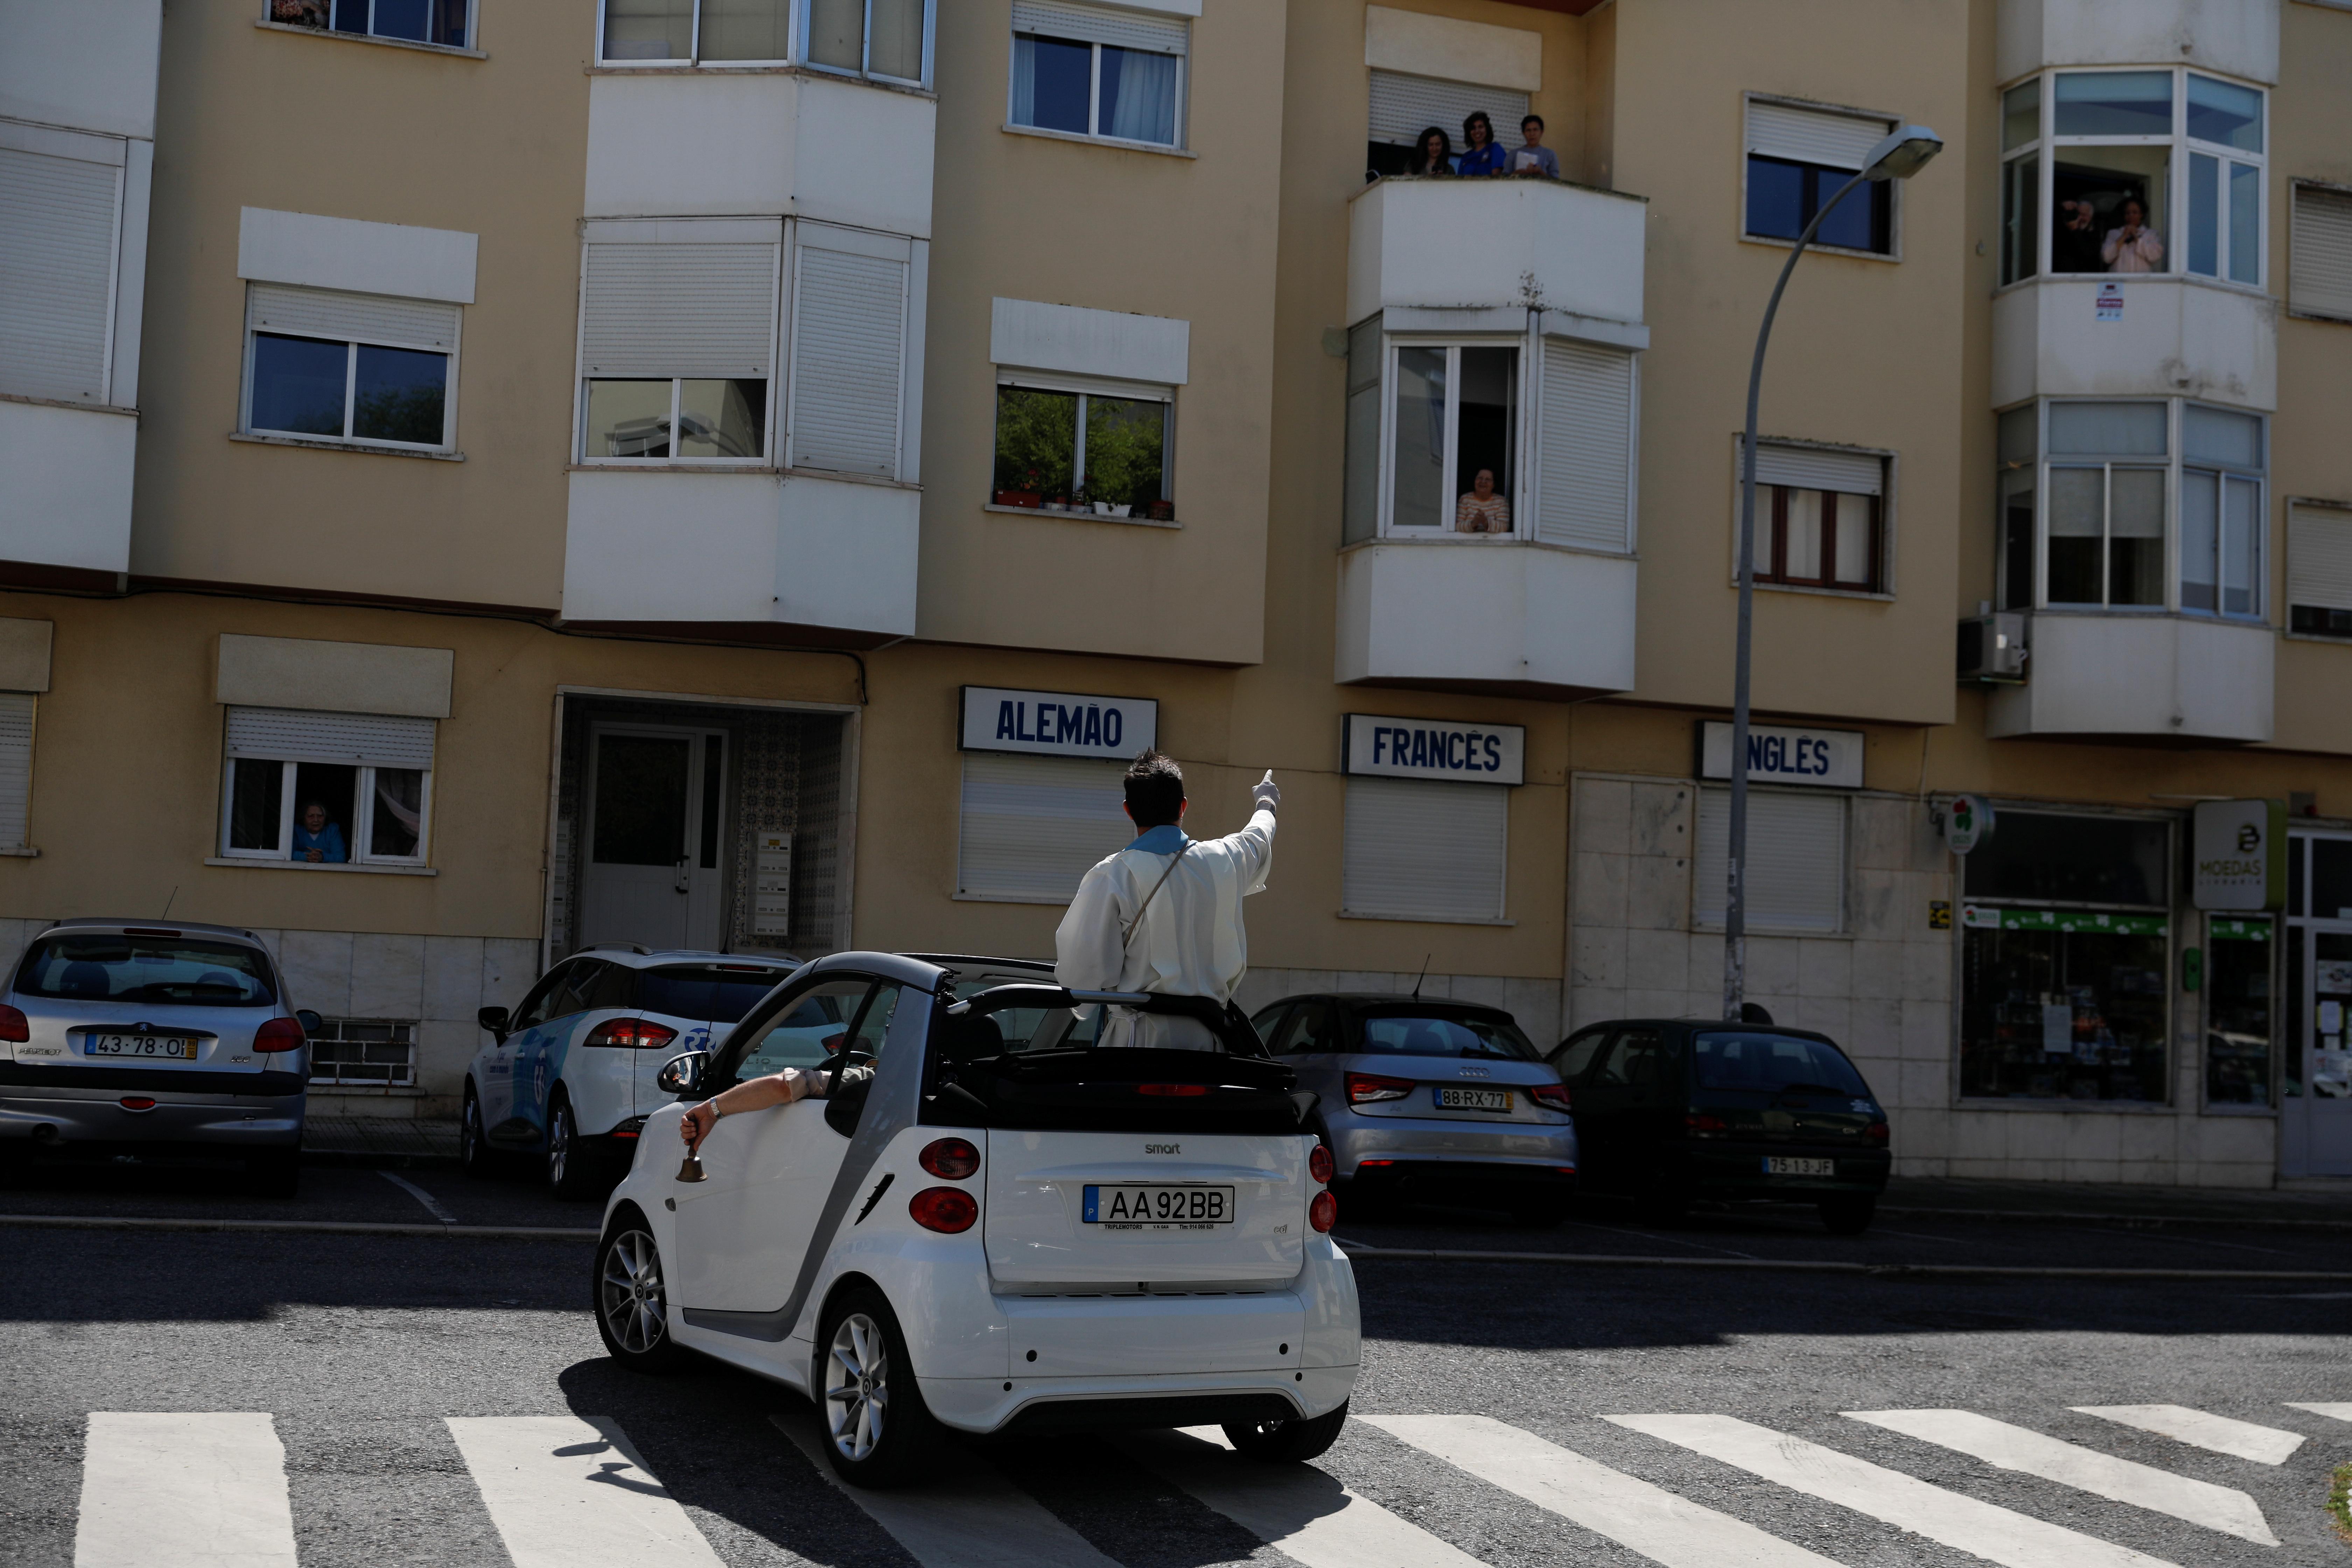 PORTUGAL - El padre Nuno Westwood eligió una particular forma de llegar a los feligreses. Lo hizo desde un pequeño auto concept car en el que fue bendiciendo por las calles a los creyentes